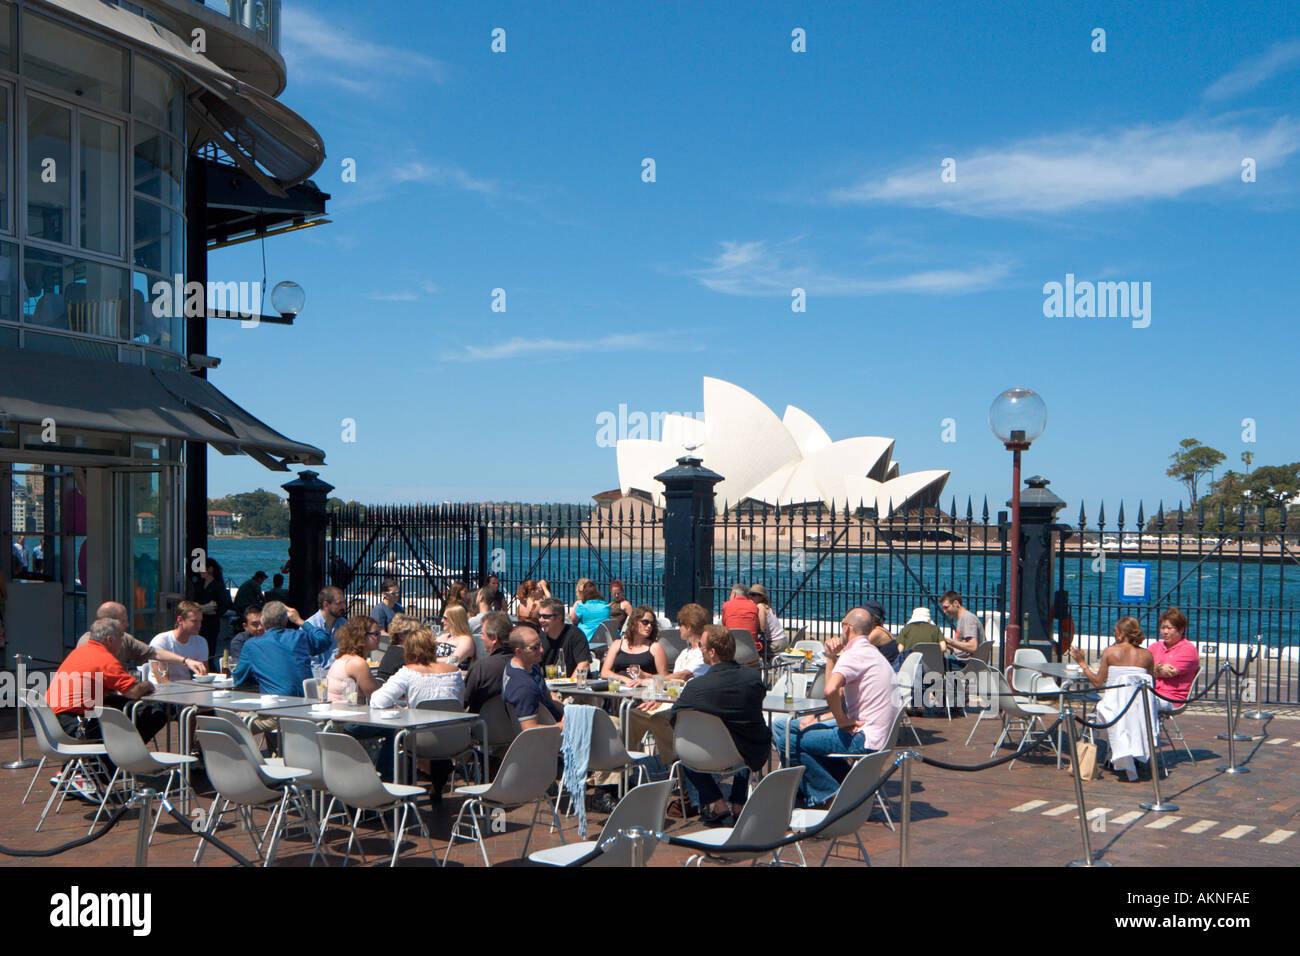 Cafe de la chaussée à Circular Quay avec l'Opéra derrière, Sydney, New South Wales, Australia Photo Stock